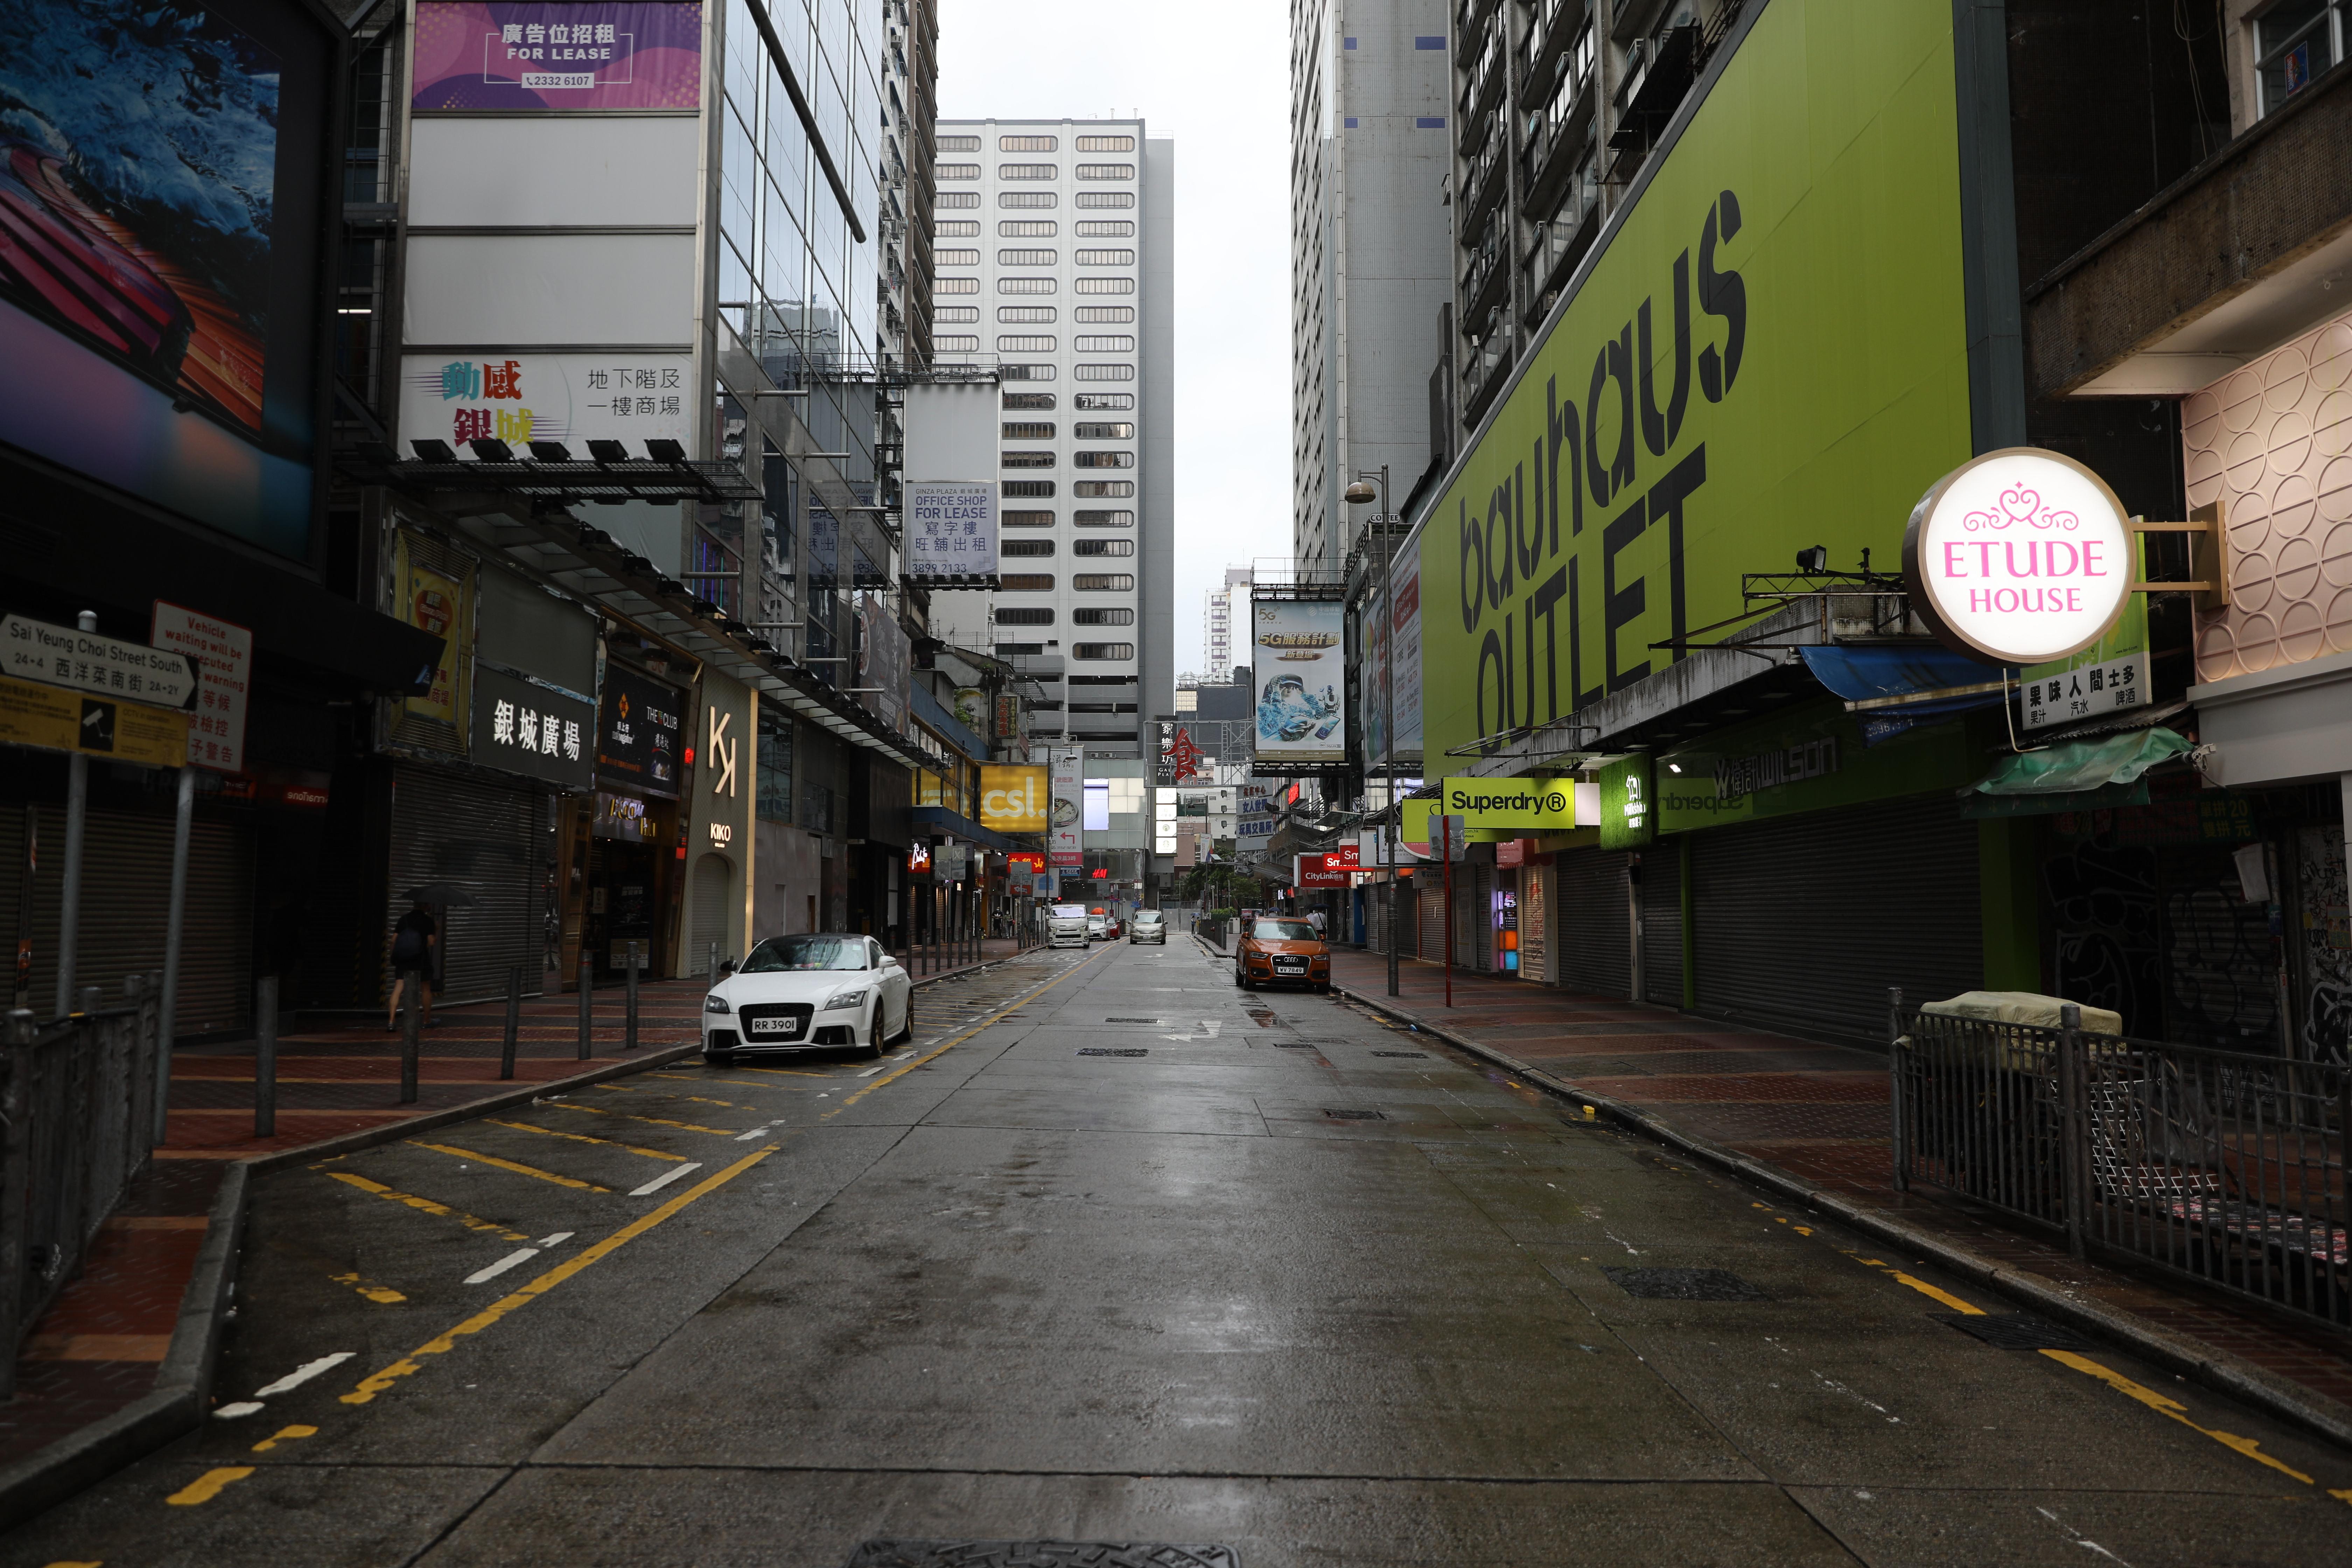 八號風球下,旺角一帶變得人煙稀少,原本車水馬龍的彌敦道亦變得冷冷清清,近8成店舖關門,女人街棚架亦被拆下,只有少量食肆、藥房開業。(大公文匯全媒體記者攝)